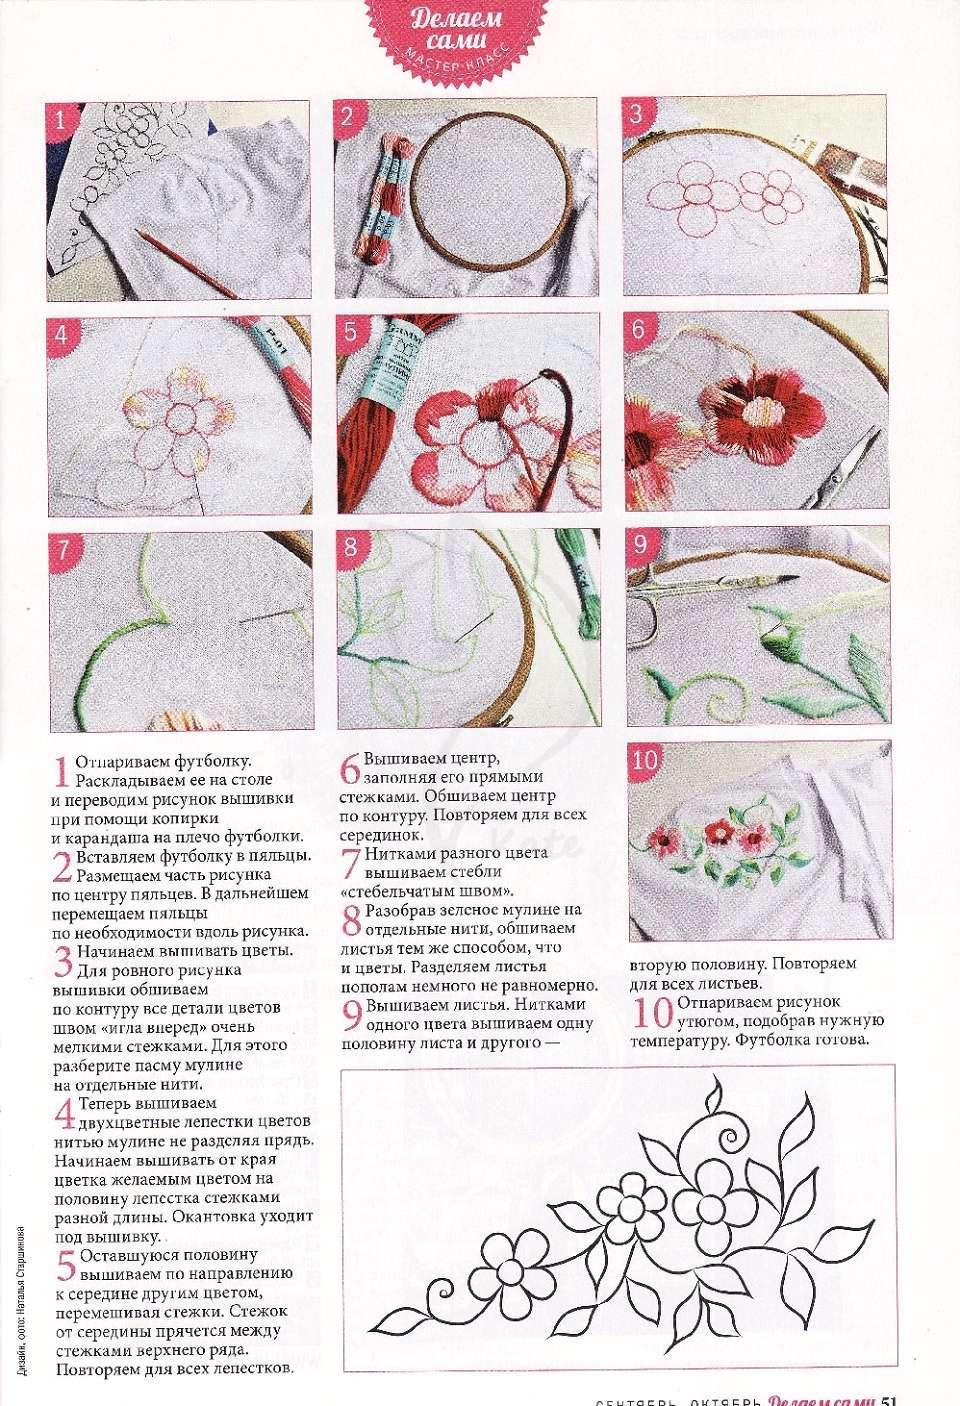 Как перевести рисунок вышивки на грубую ткань, трикотаж или 18